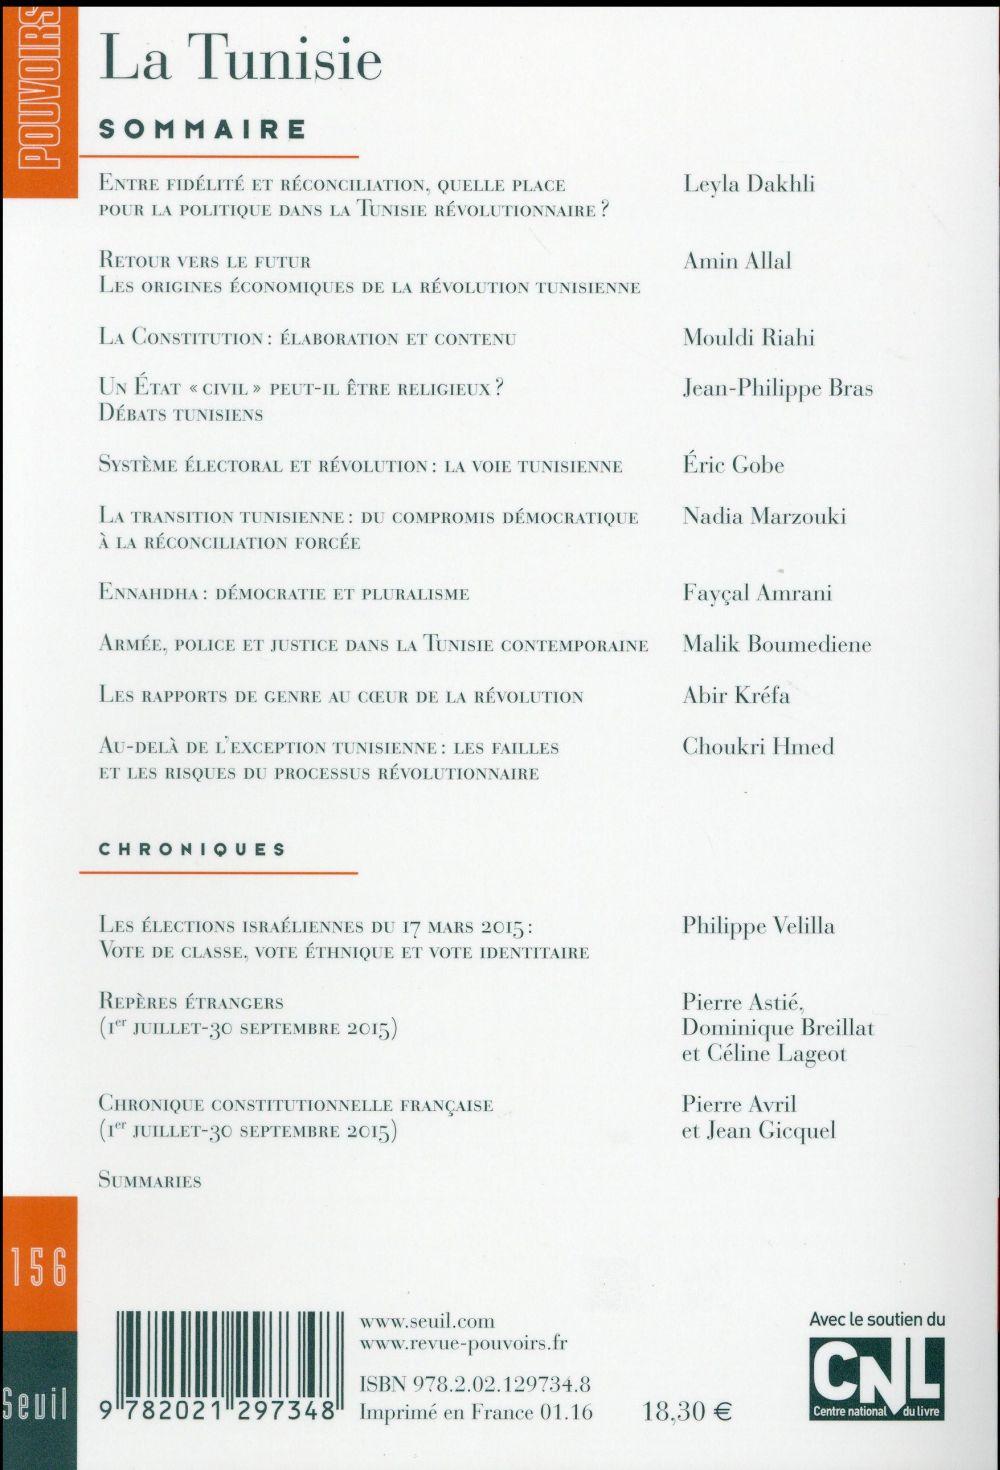 Revue pouvoirs t.156 ; la tunisie